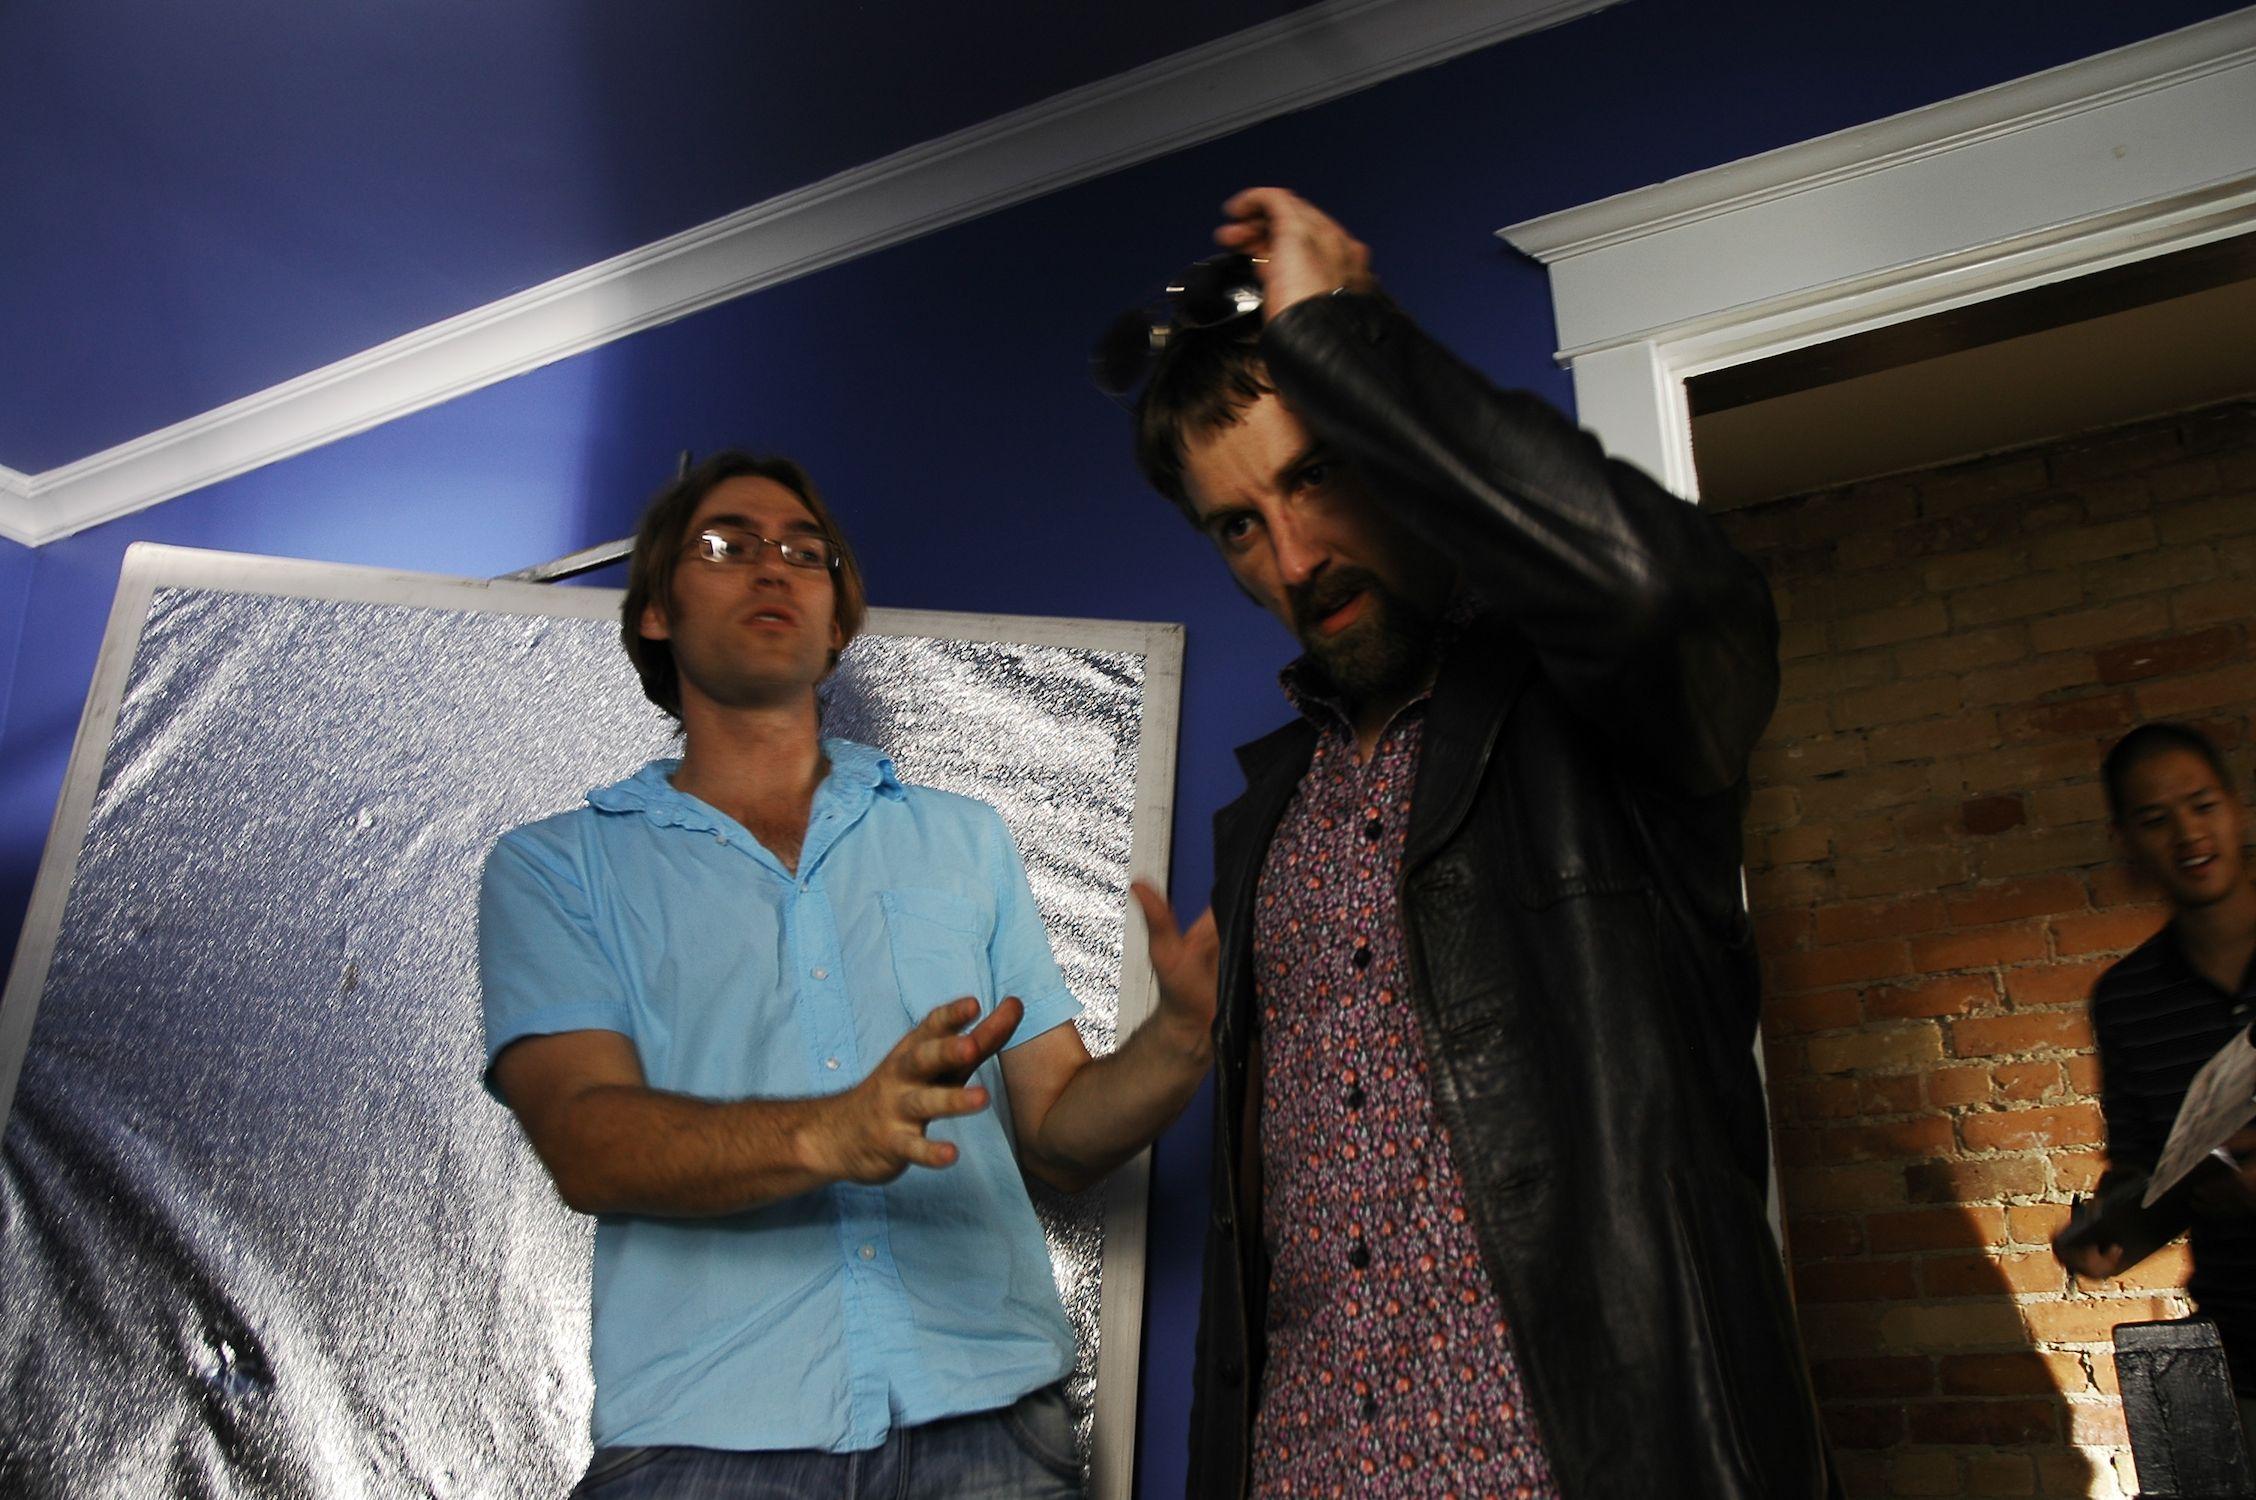 Director Ken Simpson working with Actor Leon Bearman